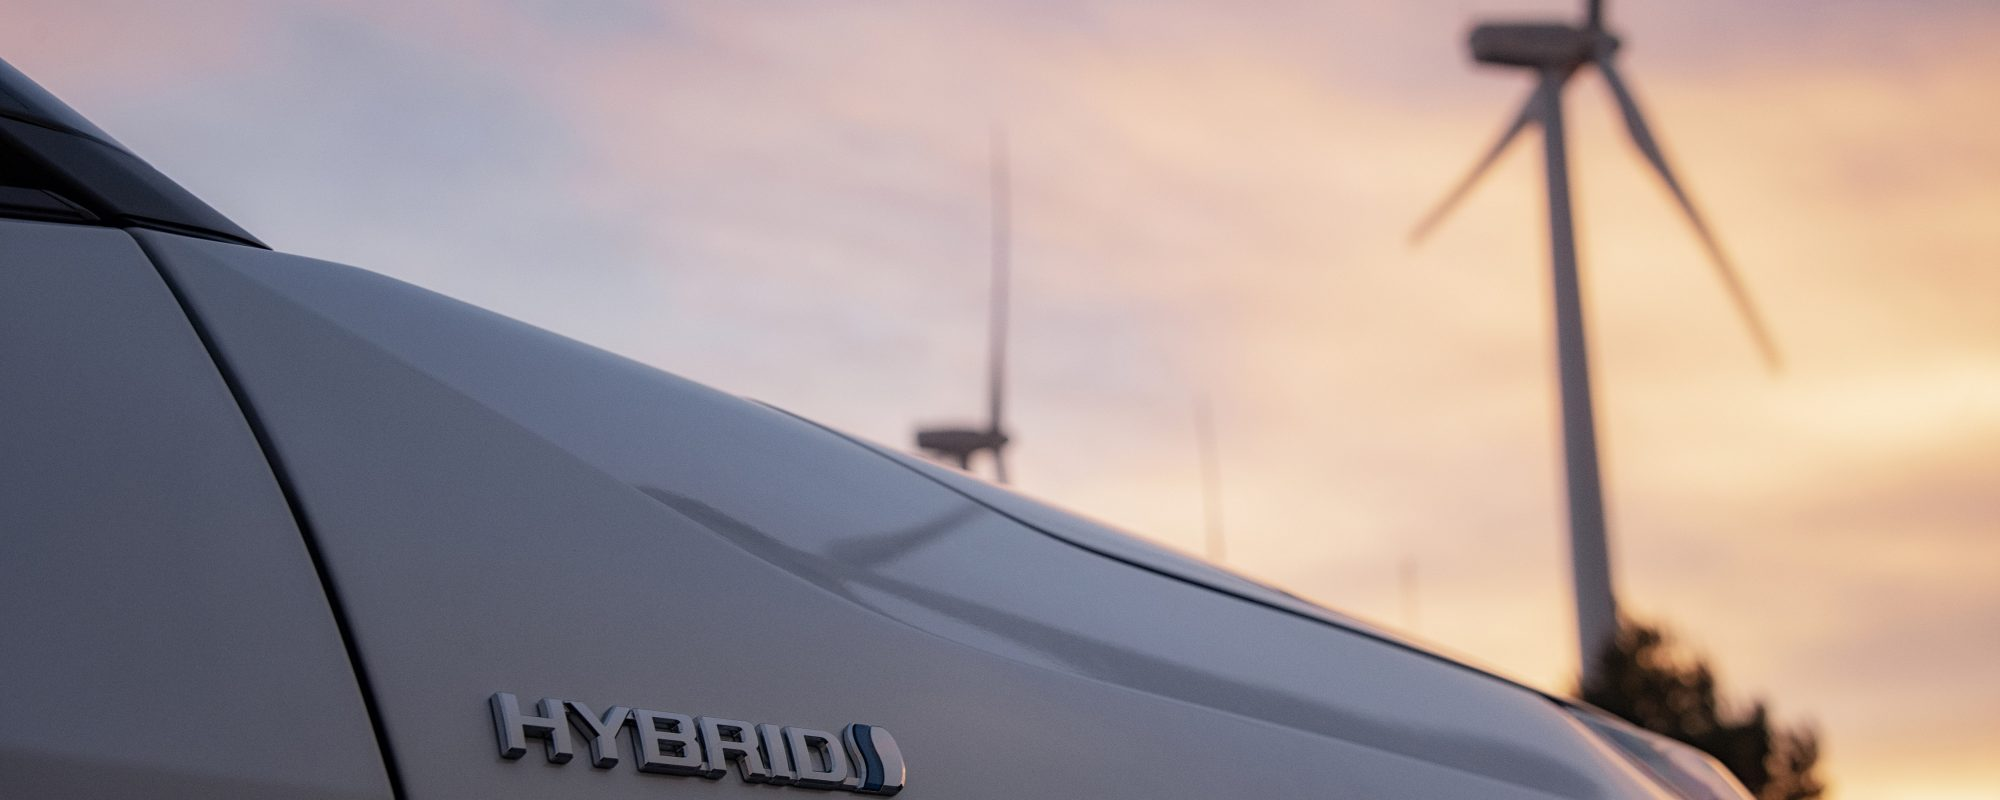 Toyota stelt bijna 24.000 patenten voertuigelektrificatie beschikbaar voor stimulering schone mobiliteit